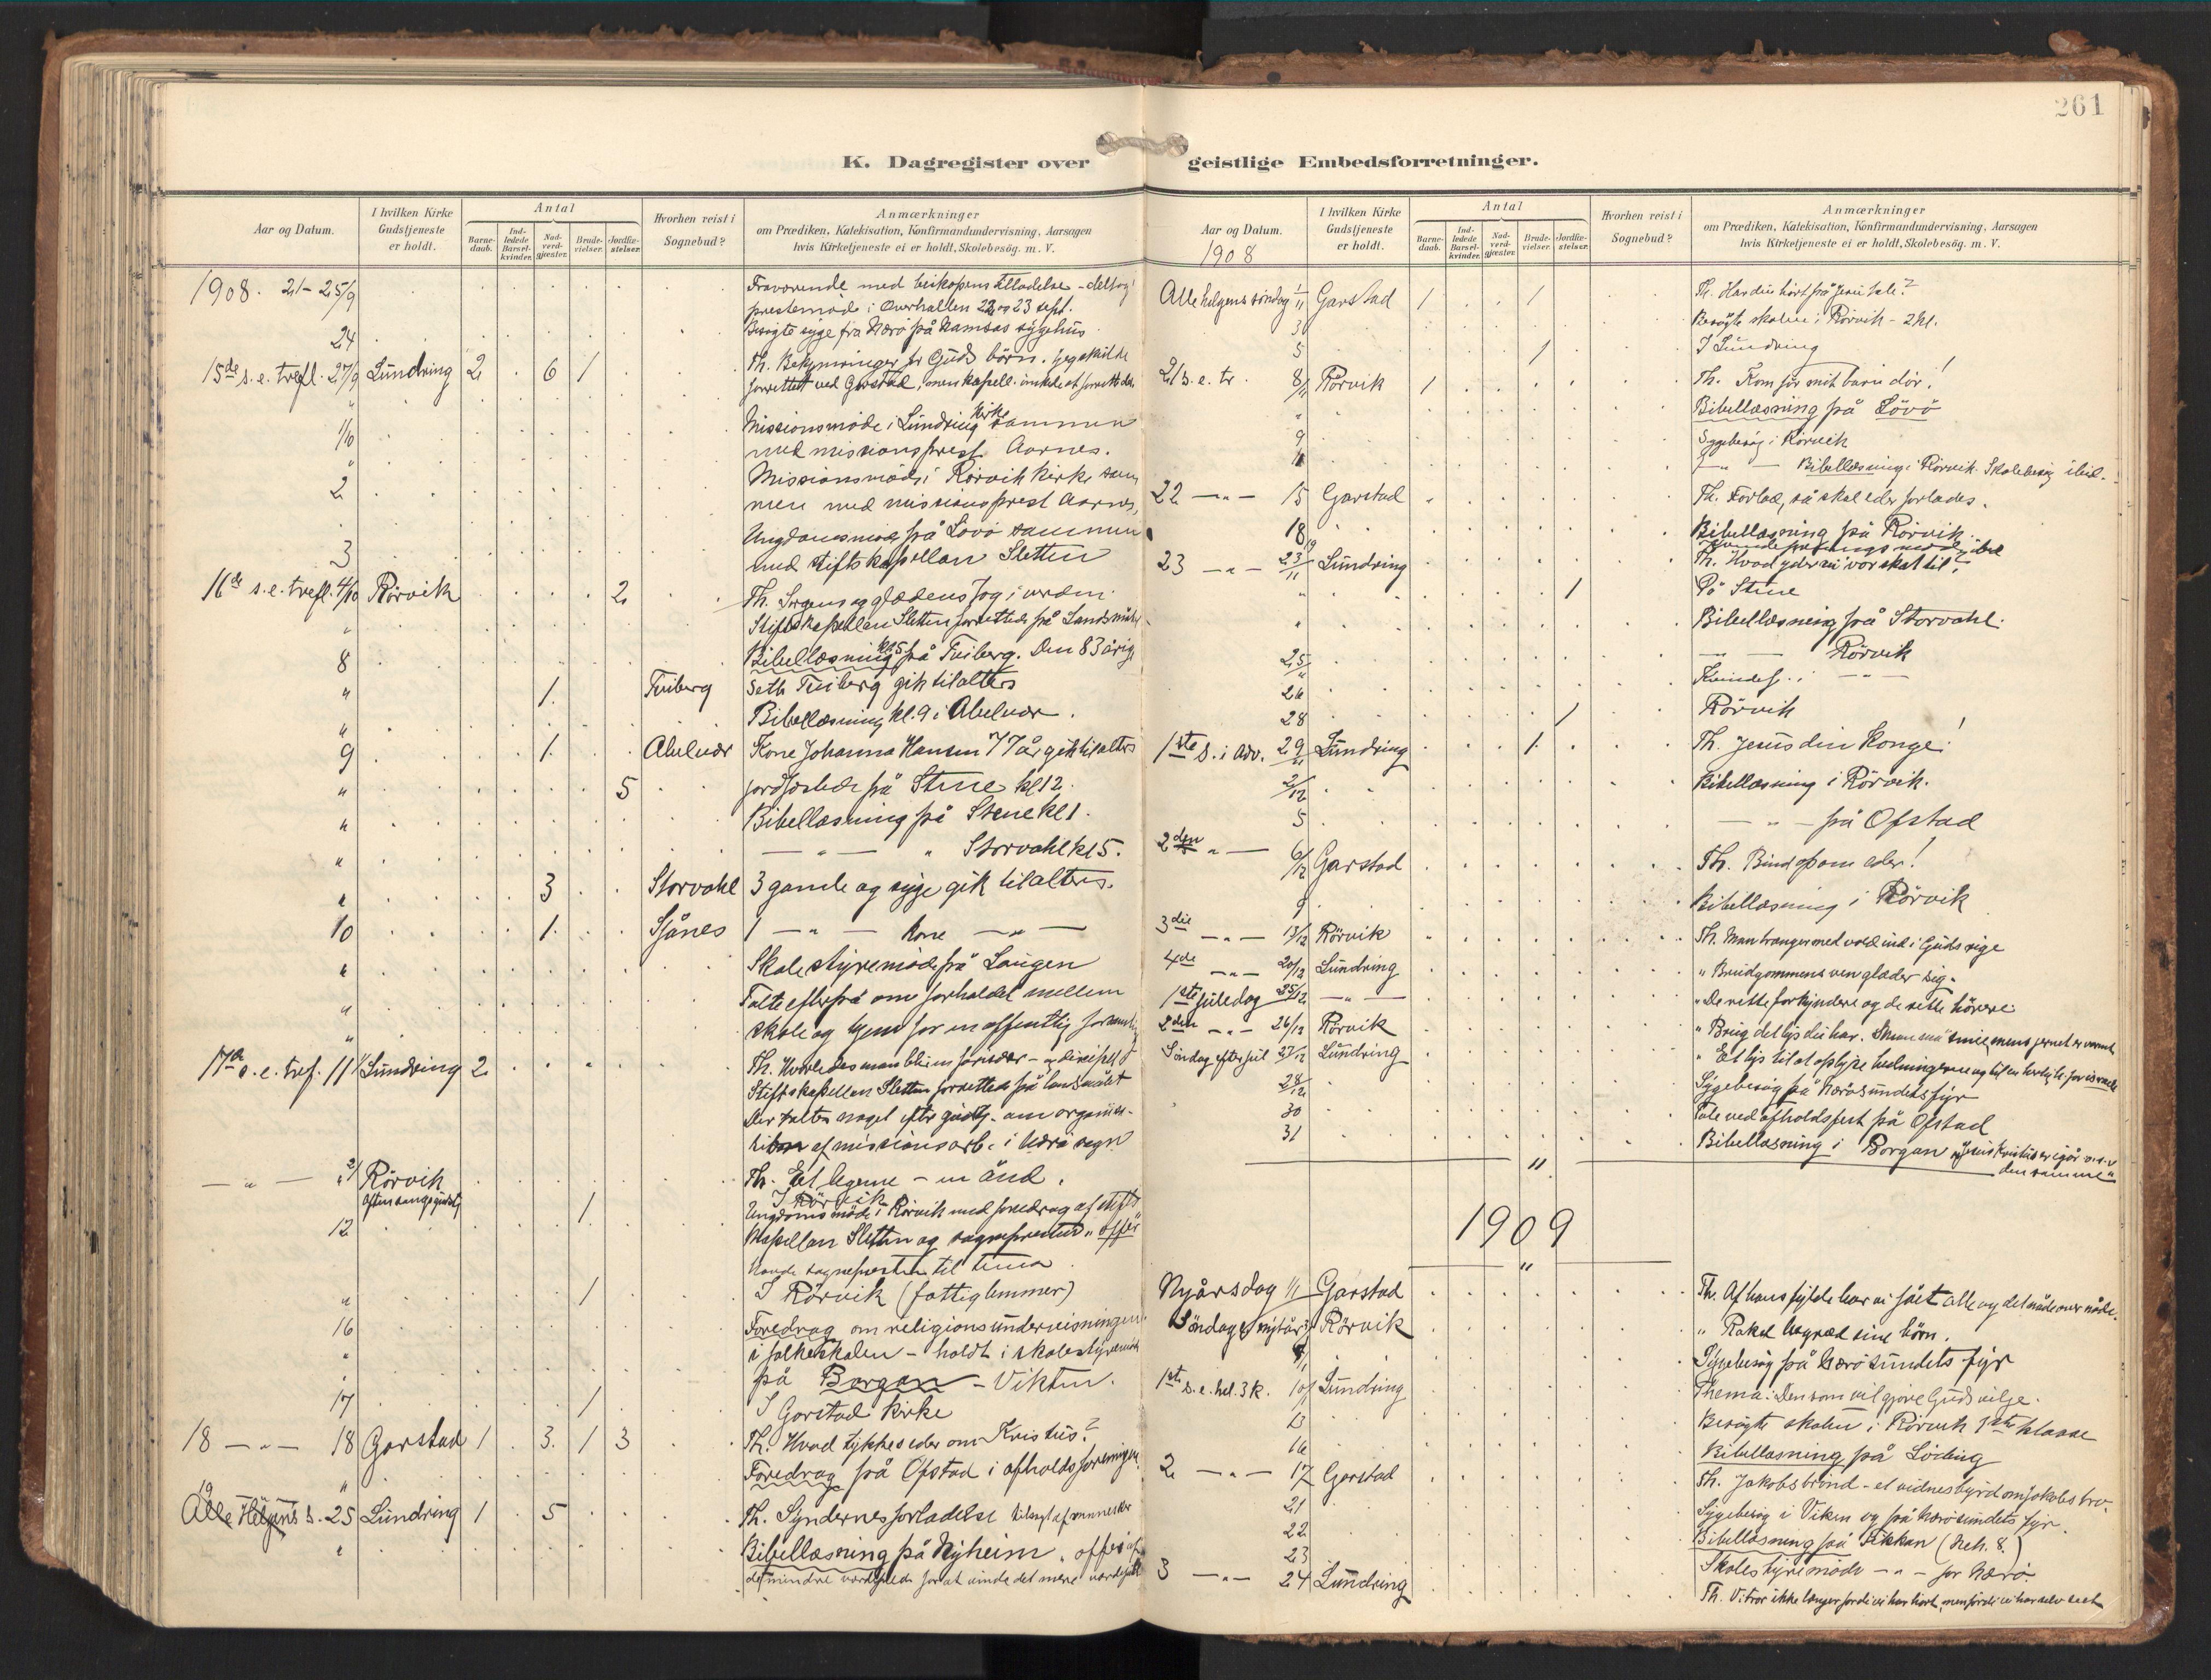 SAT, Ministerialprotokoller, klokkerbøker og fødselsregistre - Nord-Trøndelag, 784/L0677: Ministerialbok nr. 784A12, 1900-1920, s. 261